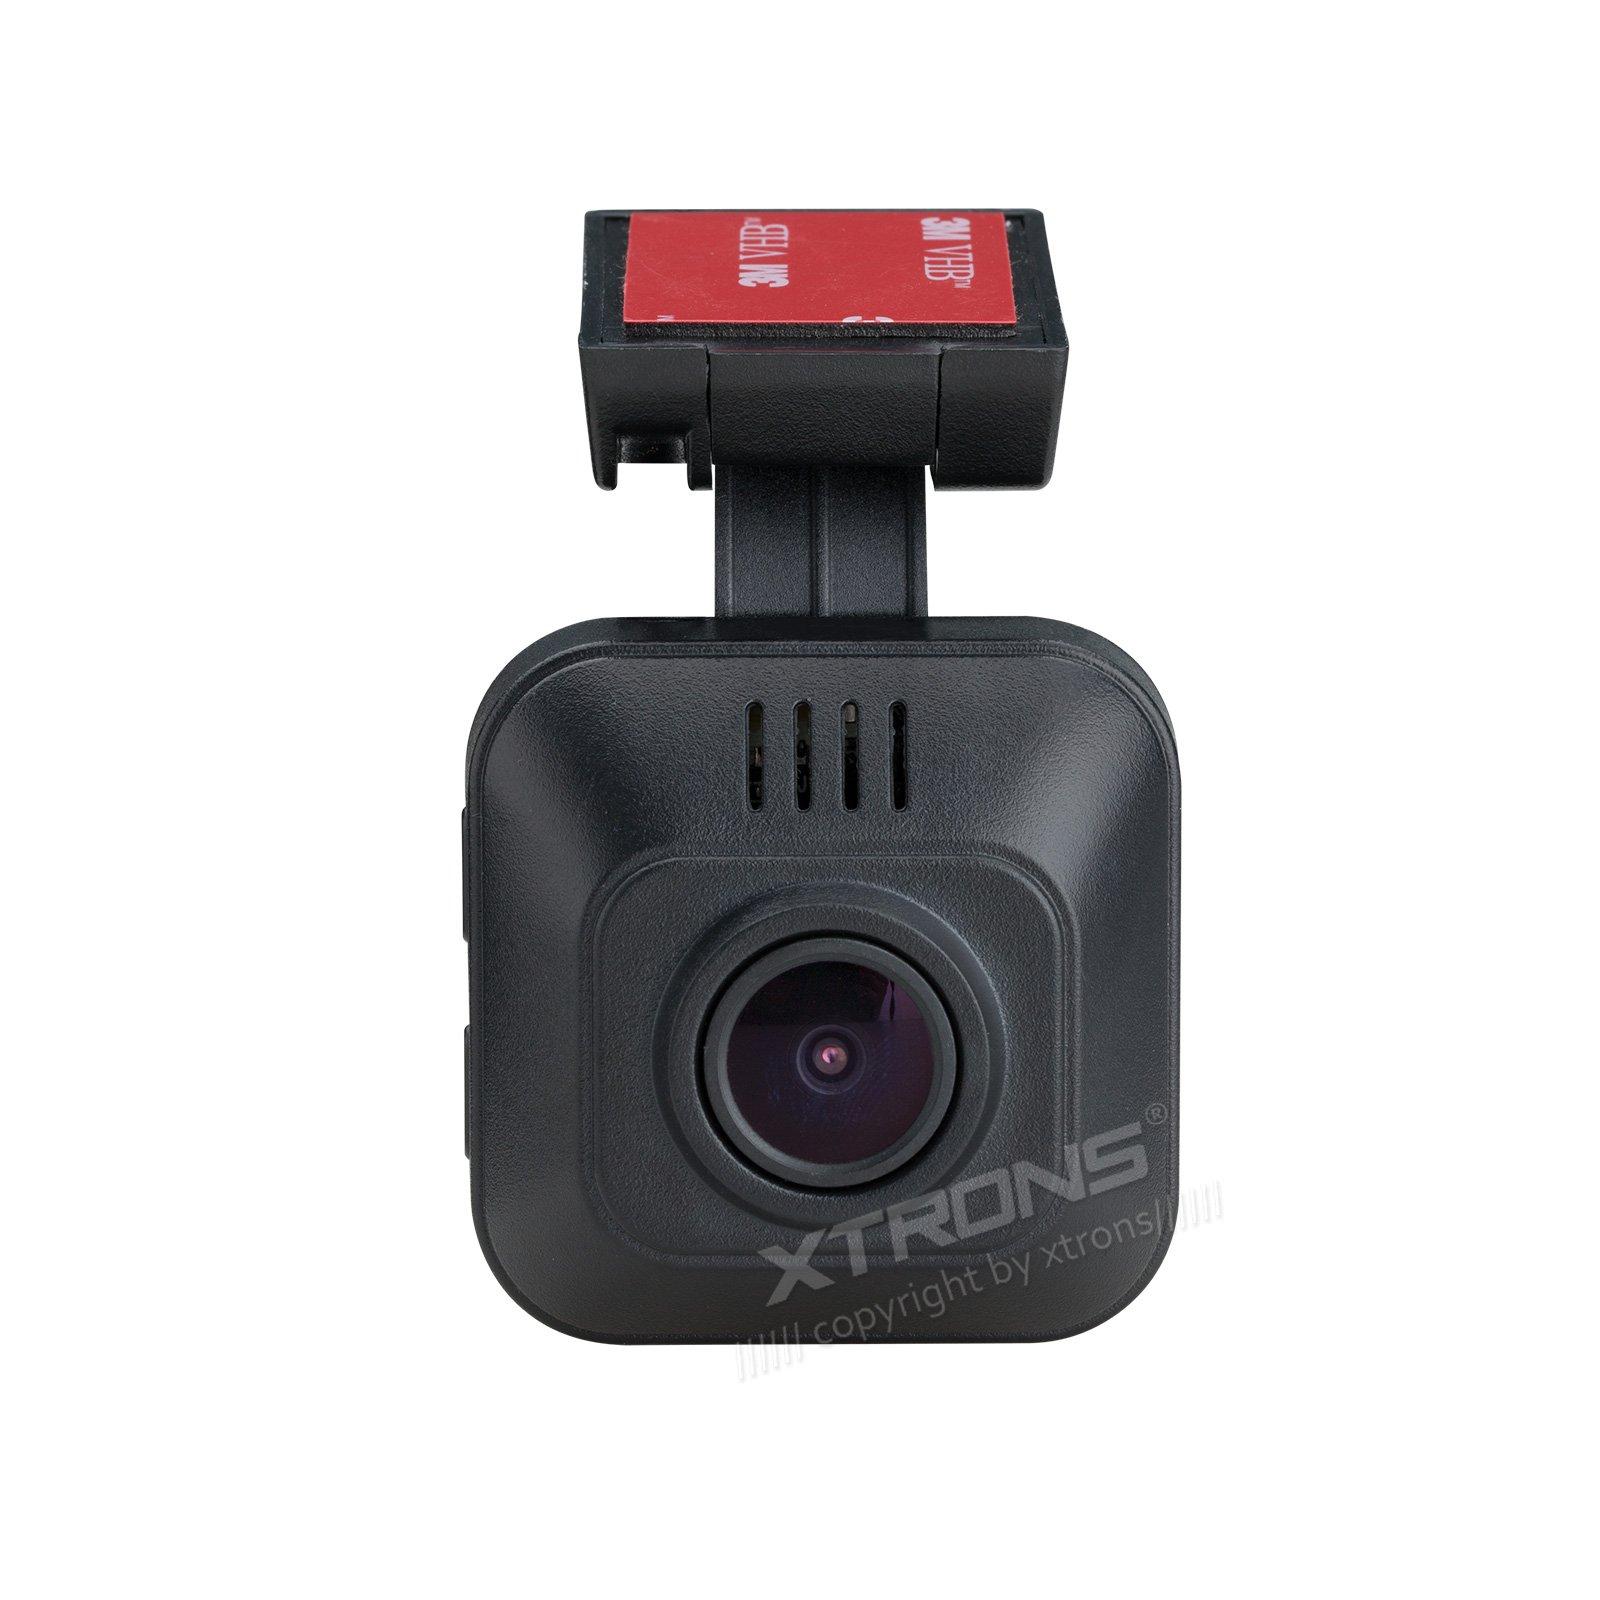 XTRONS HD 720P In-Car DVR Video Recorder Camera for XTRONS D717AL